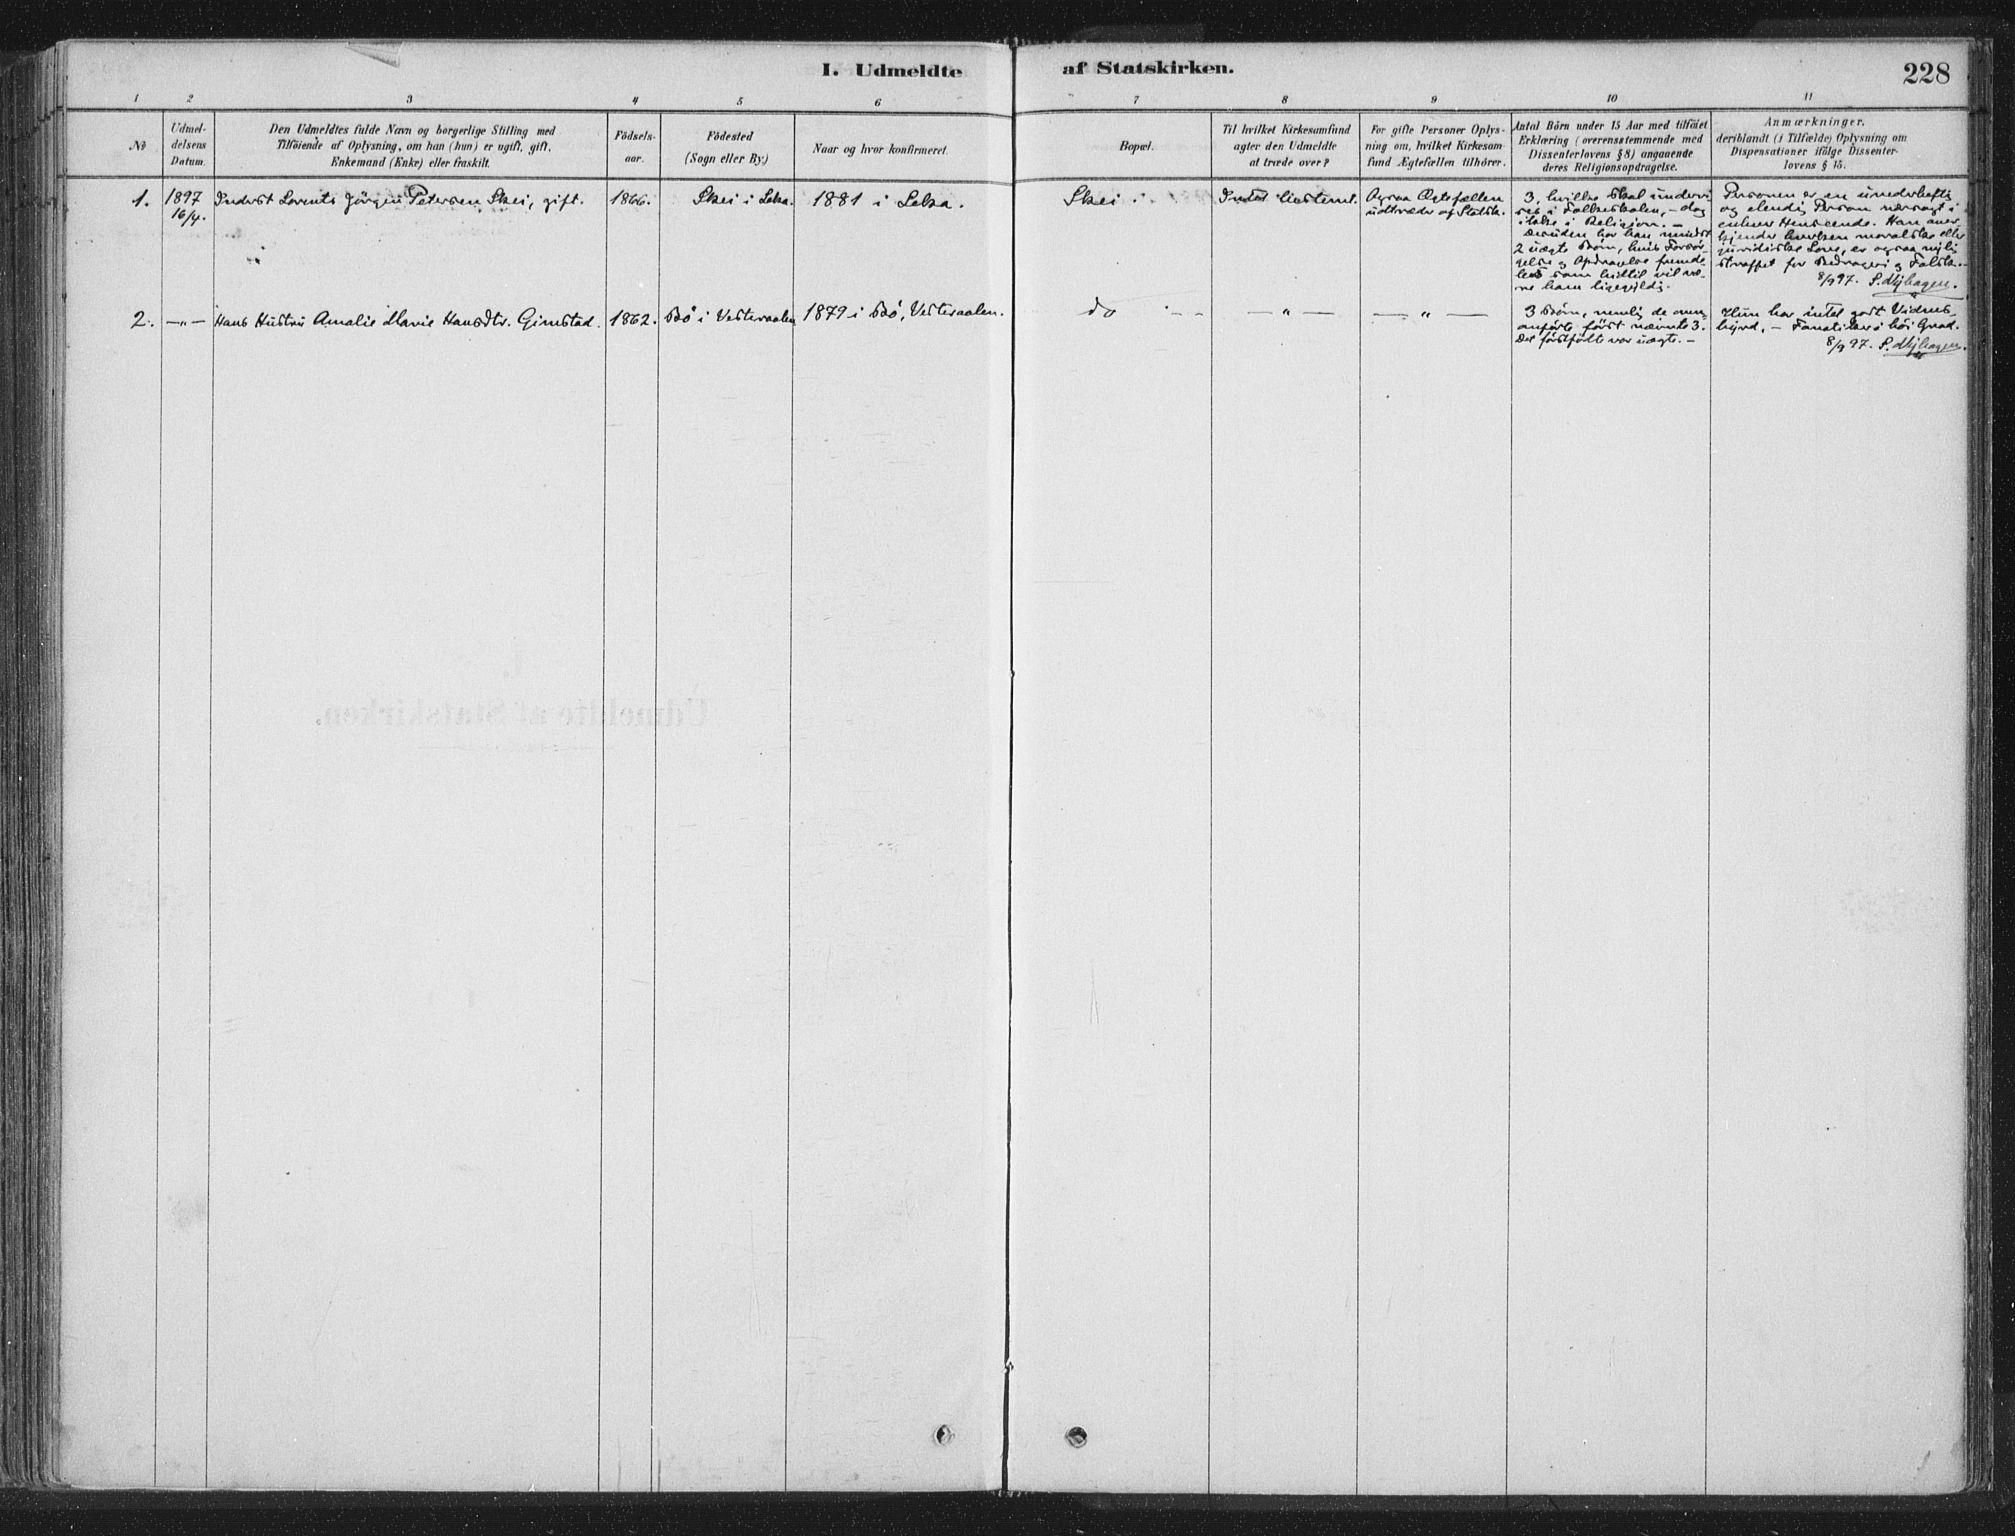 SAT, Ministerialprotokoller, klokkerbøker og fødselsregistre - Nord-Trøndelag, 788/L0697: Ministerialbok nr. 788A04, 1878-1902, s. 228